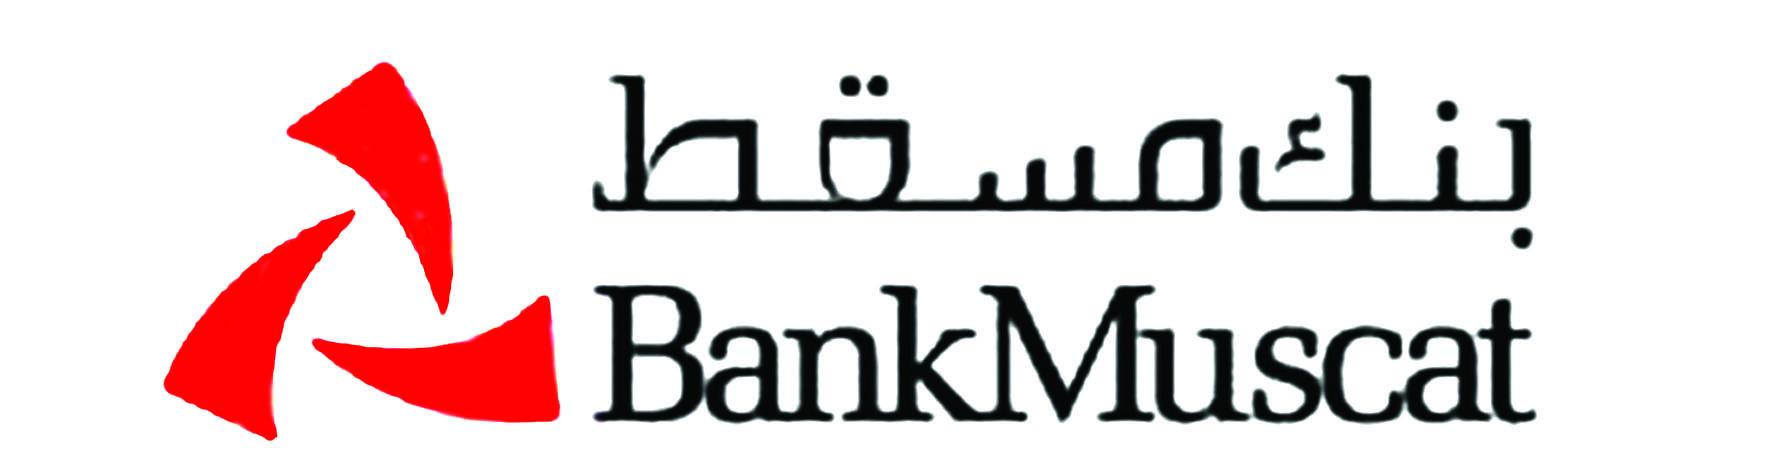 45.80 مليون ريال عماني أرباح بنك مسقطإيرادات الفوائد من الأعمال المصرفية التقليدية وإيرادات التمويل الإسلامي 78.76 مليون ريال عماني